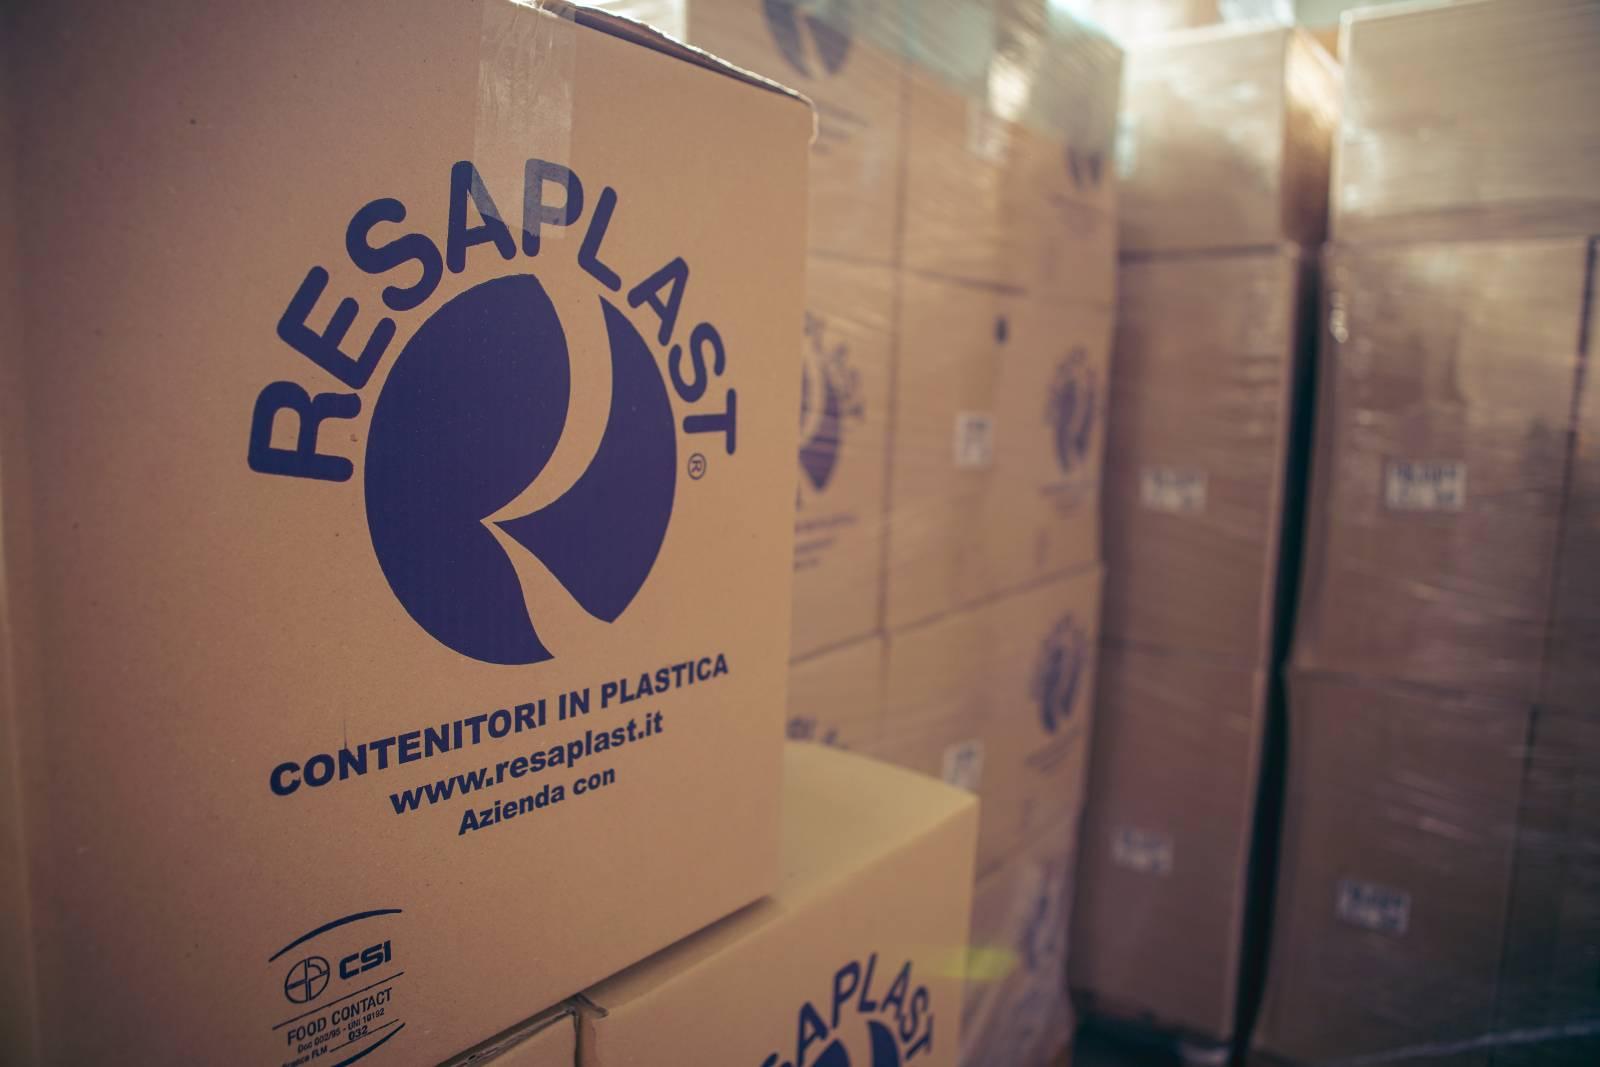 Realizzazione Sito web settore Plastica: Resaplast - Maingage, Web Agency Bari